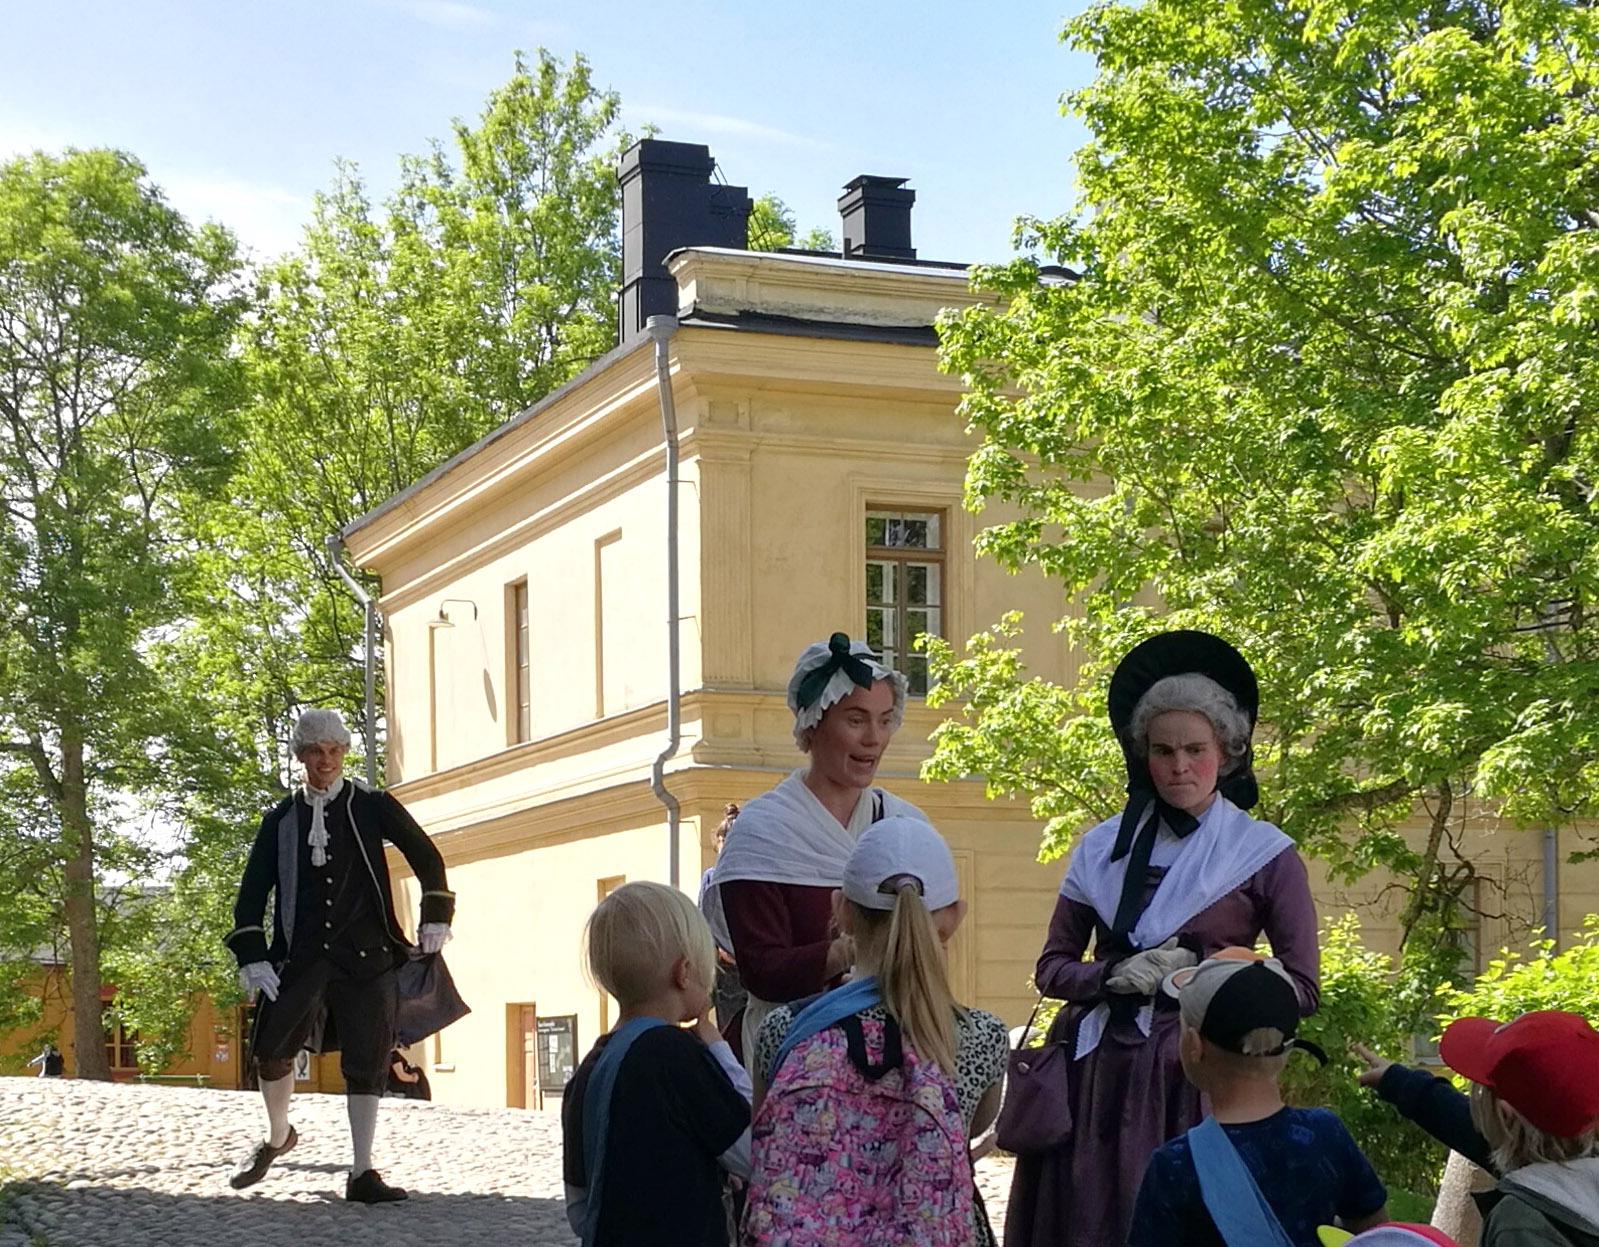 Linkki tapahtumaan Kuningas Kustaa III:n aarre -seikkailukierros Suomenlinnassa